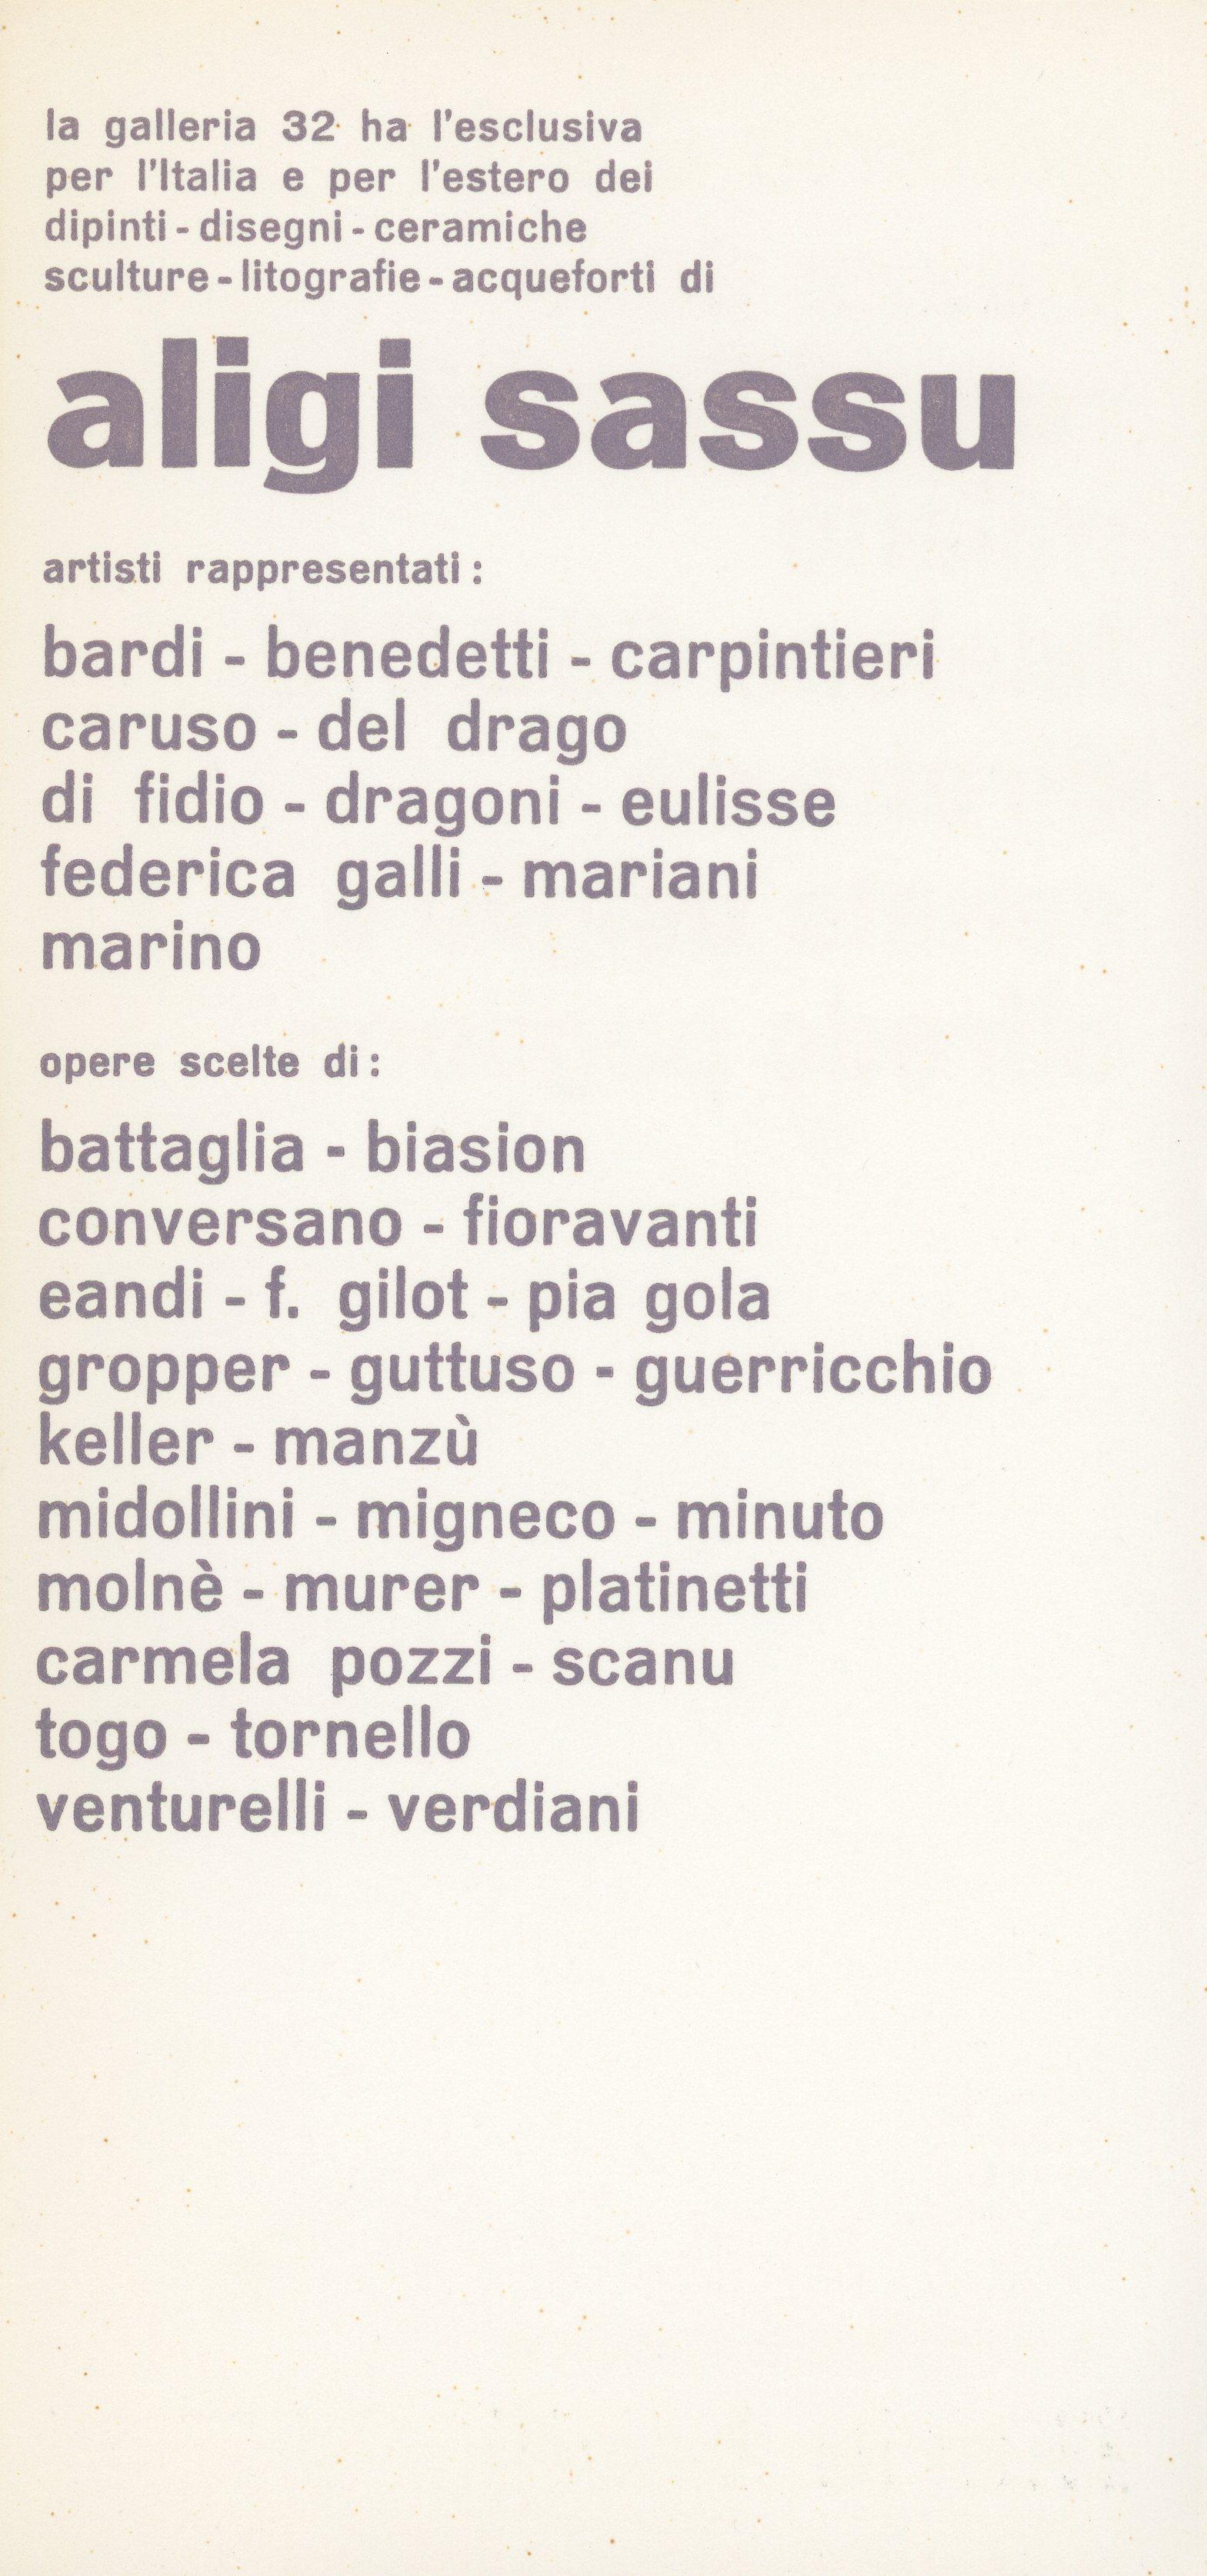 1967-02 Galleria 32 - Bruno Caruso_11.jpg